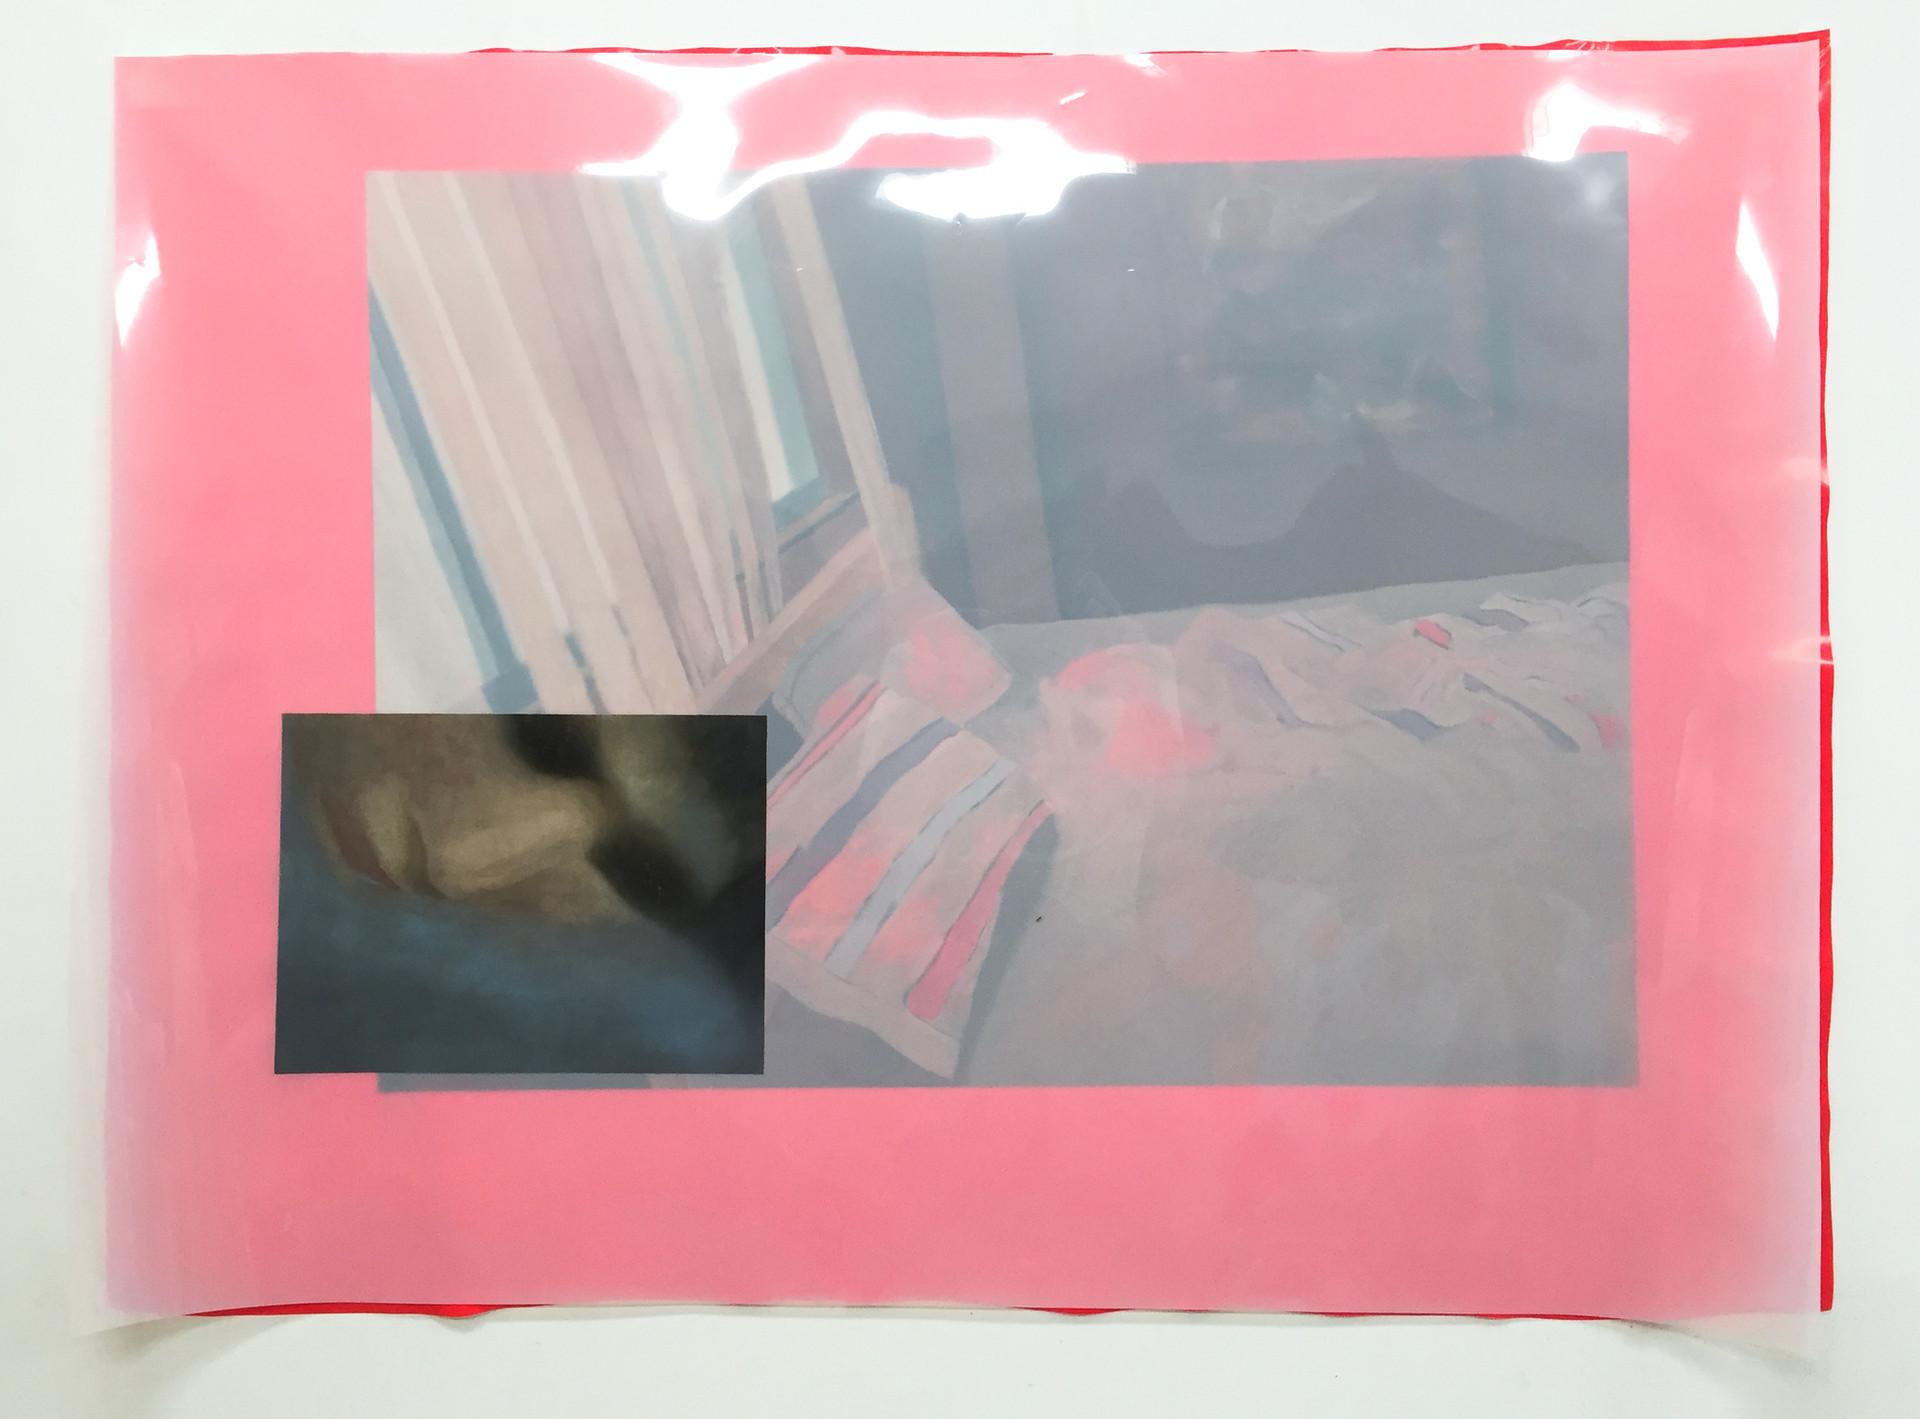 Fever, 2017 } Oil on pvc | 102 x 135 cm